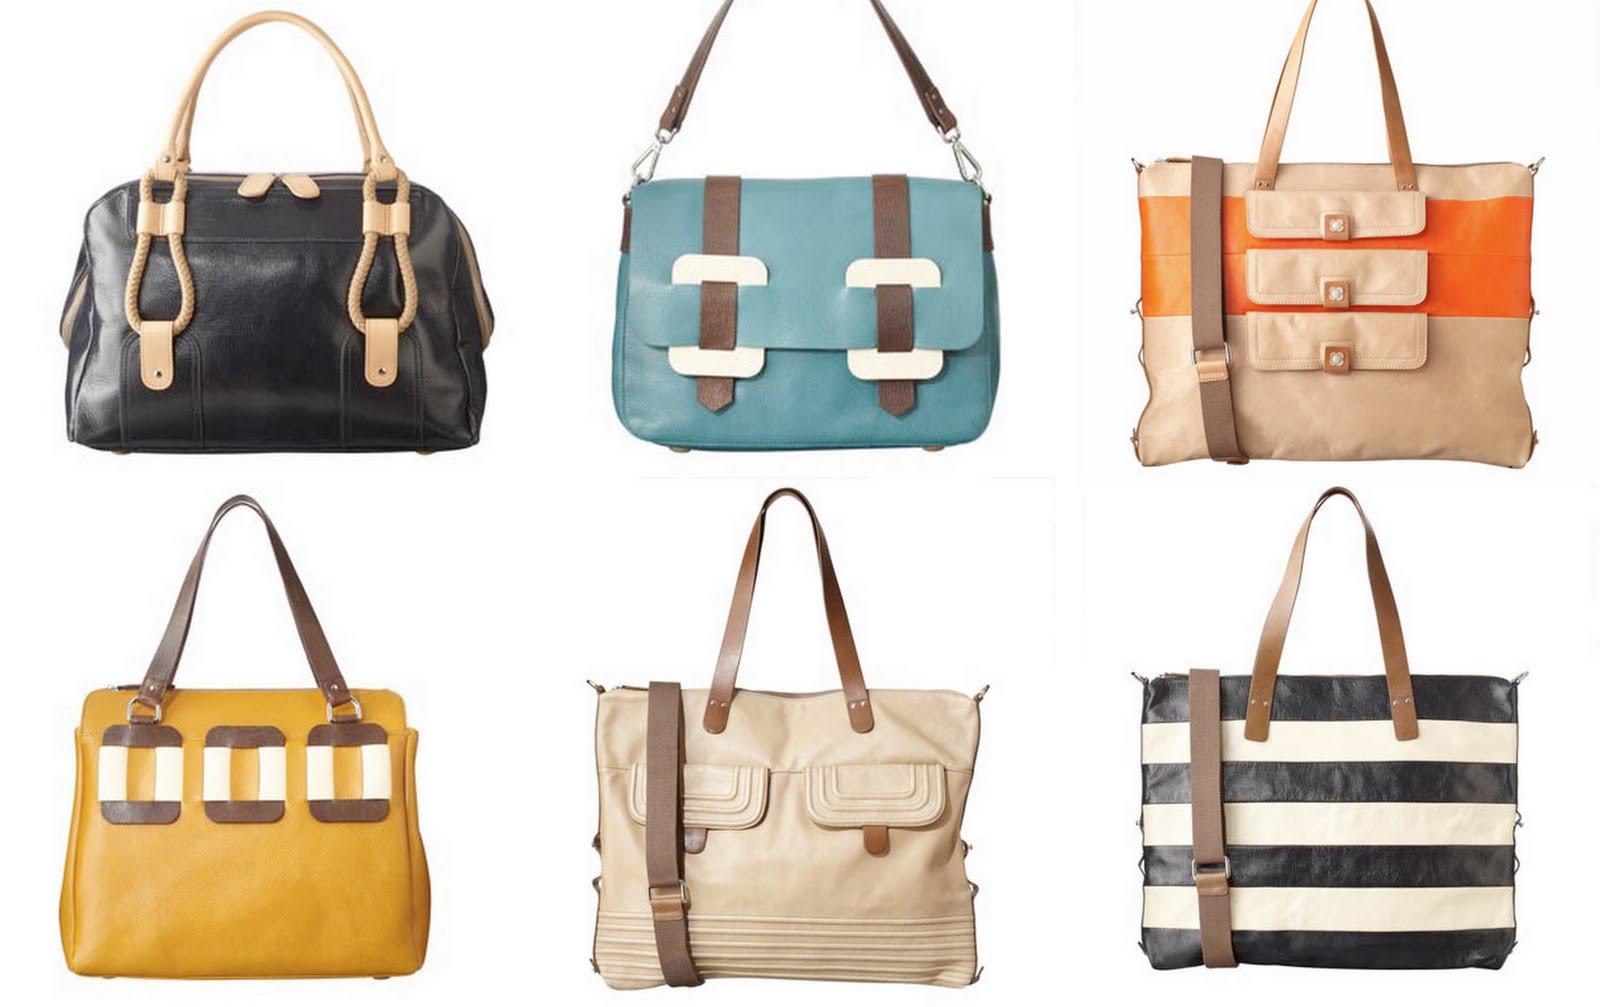 http://4.bp.blogspot.com/-Q85wfmu5-nI/TcF5dFe36UI/AAAAAAAABwk/x2I8nehTUDI/s1600/orla+kiely+bags.jpg